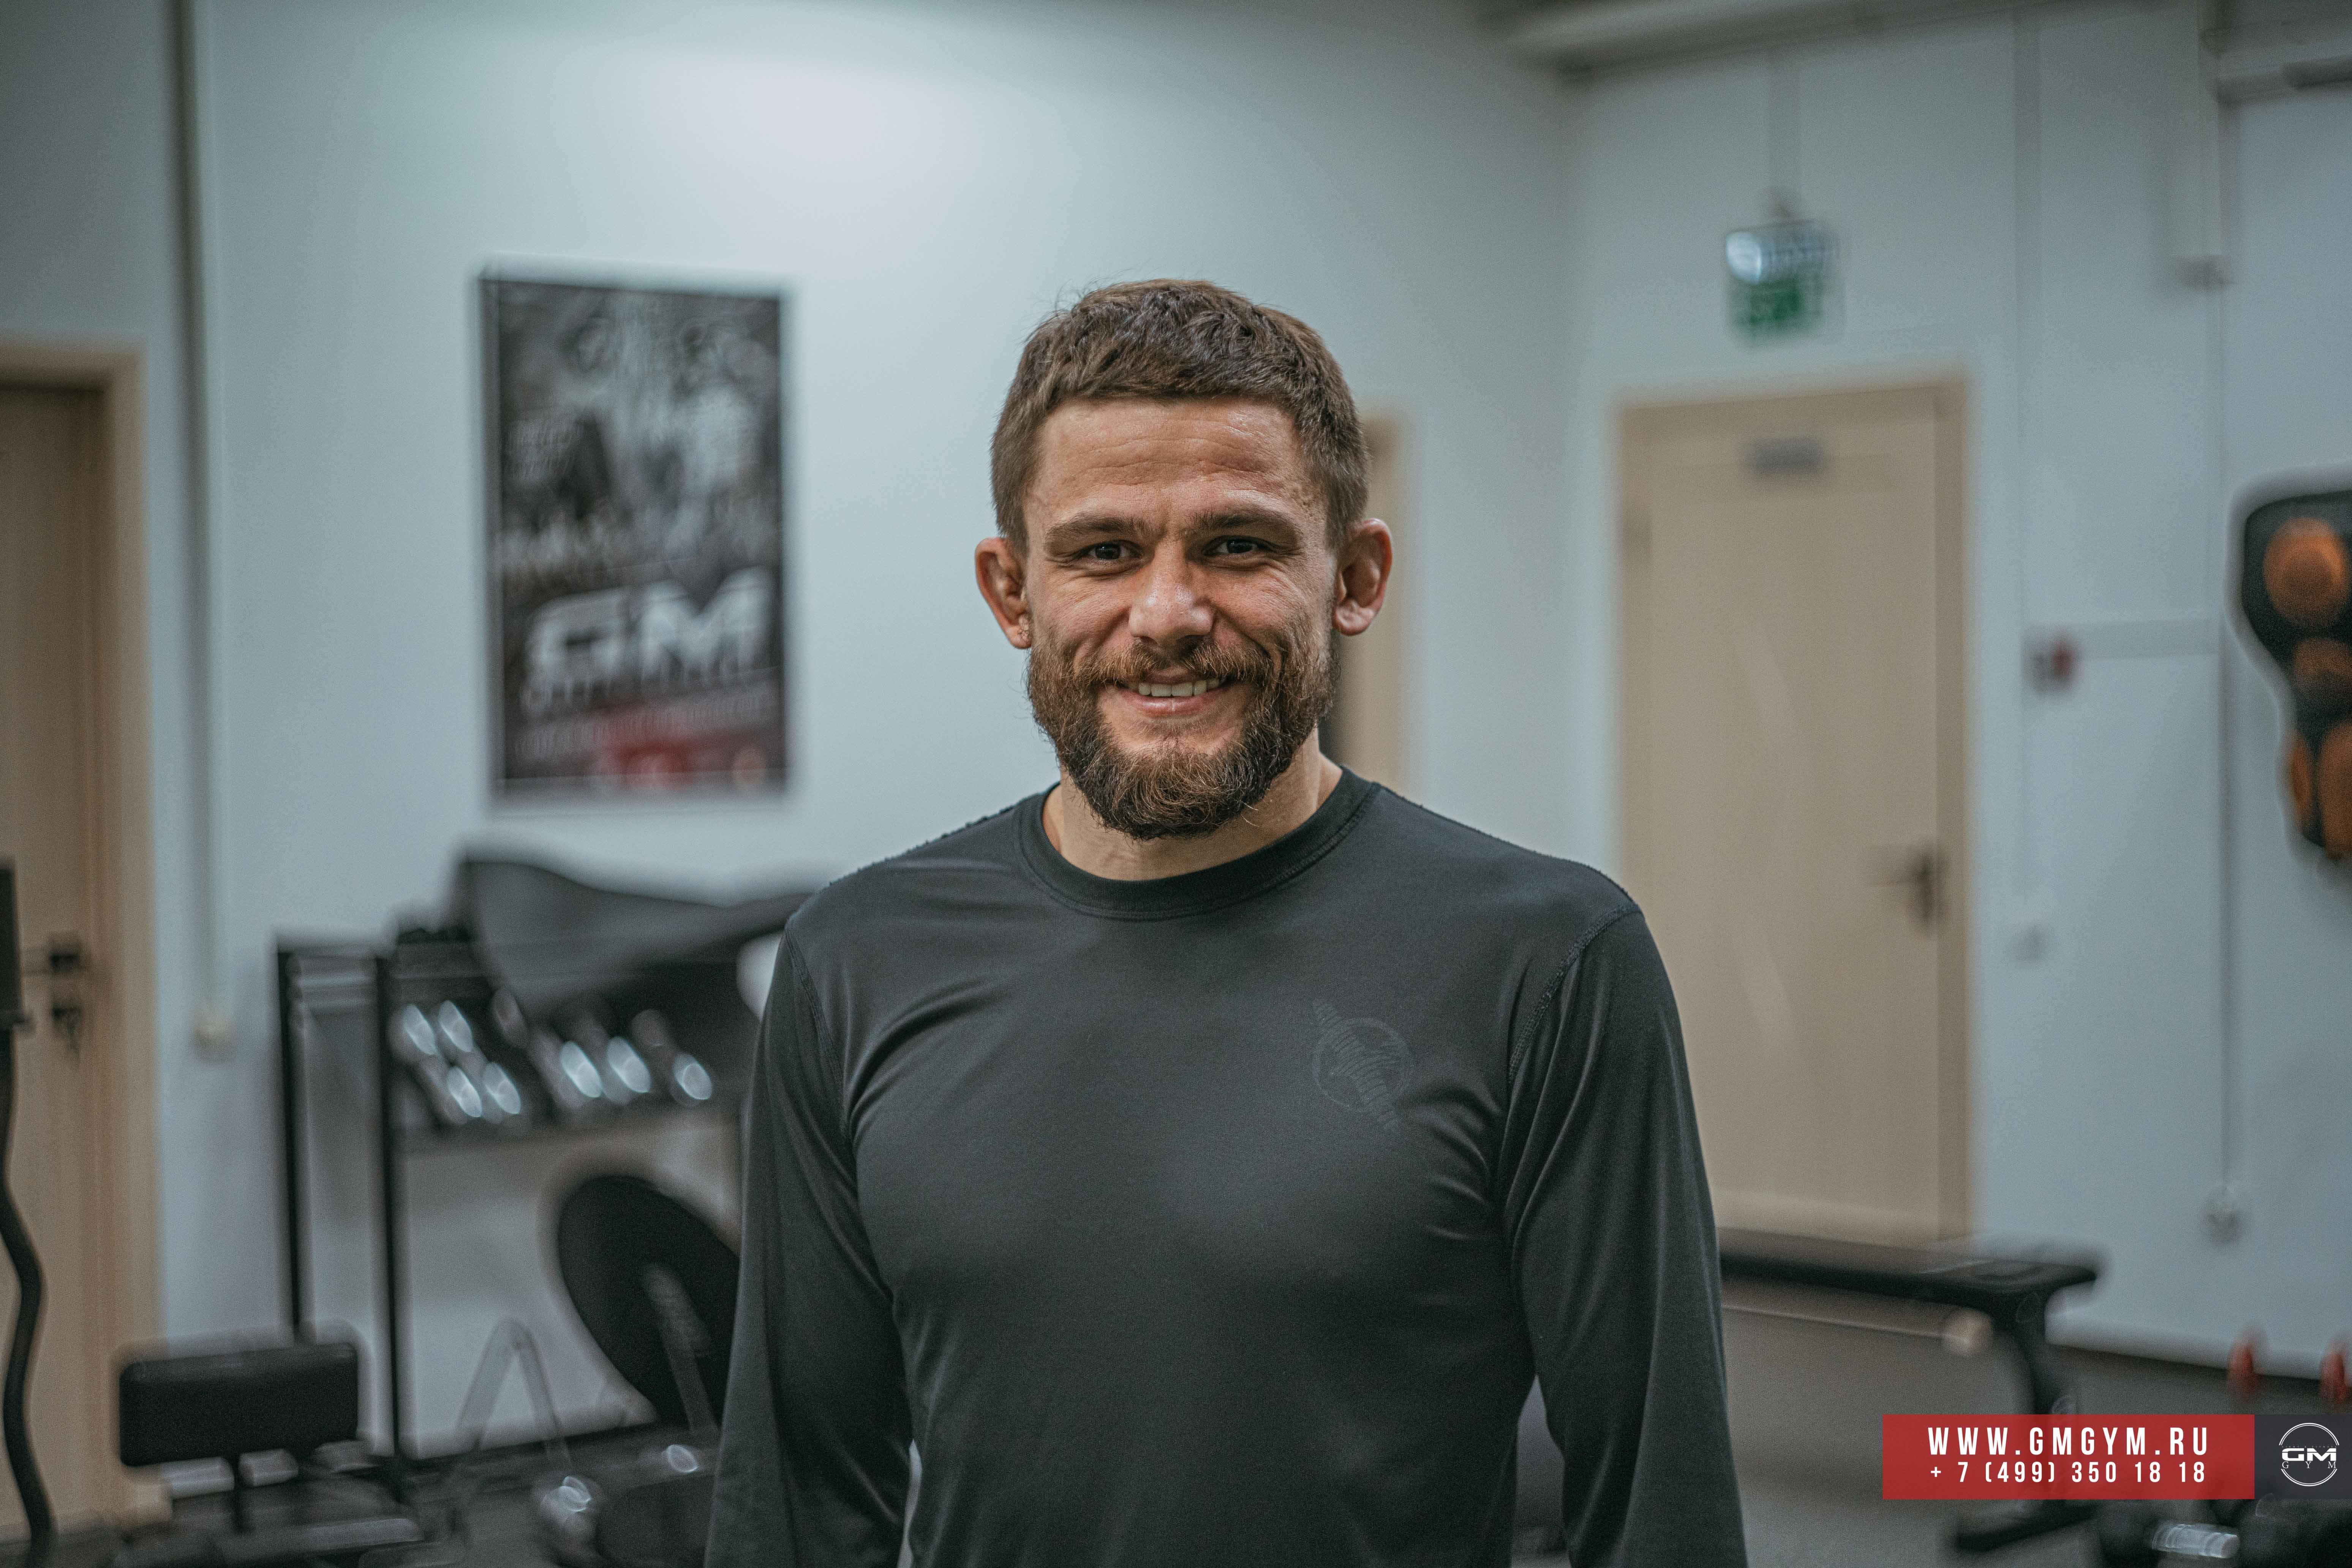 Тимур Мухаметуллин Тренер по Грэпплингу 12